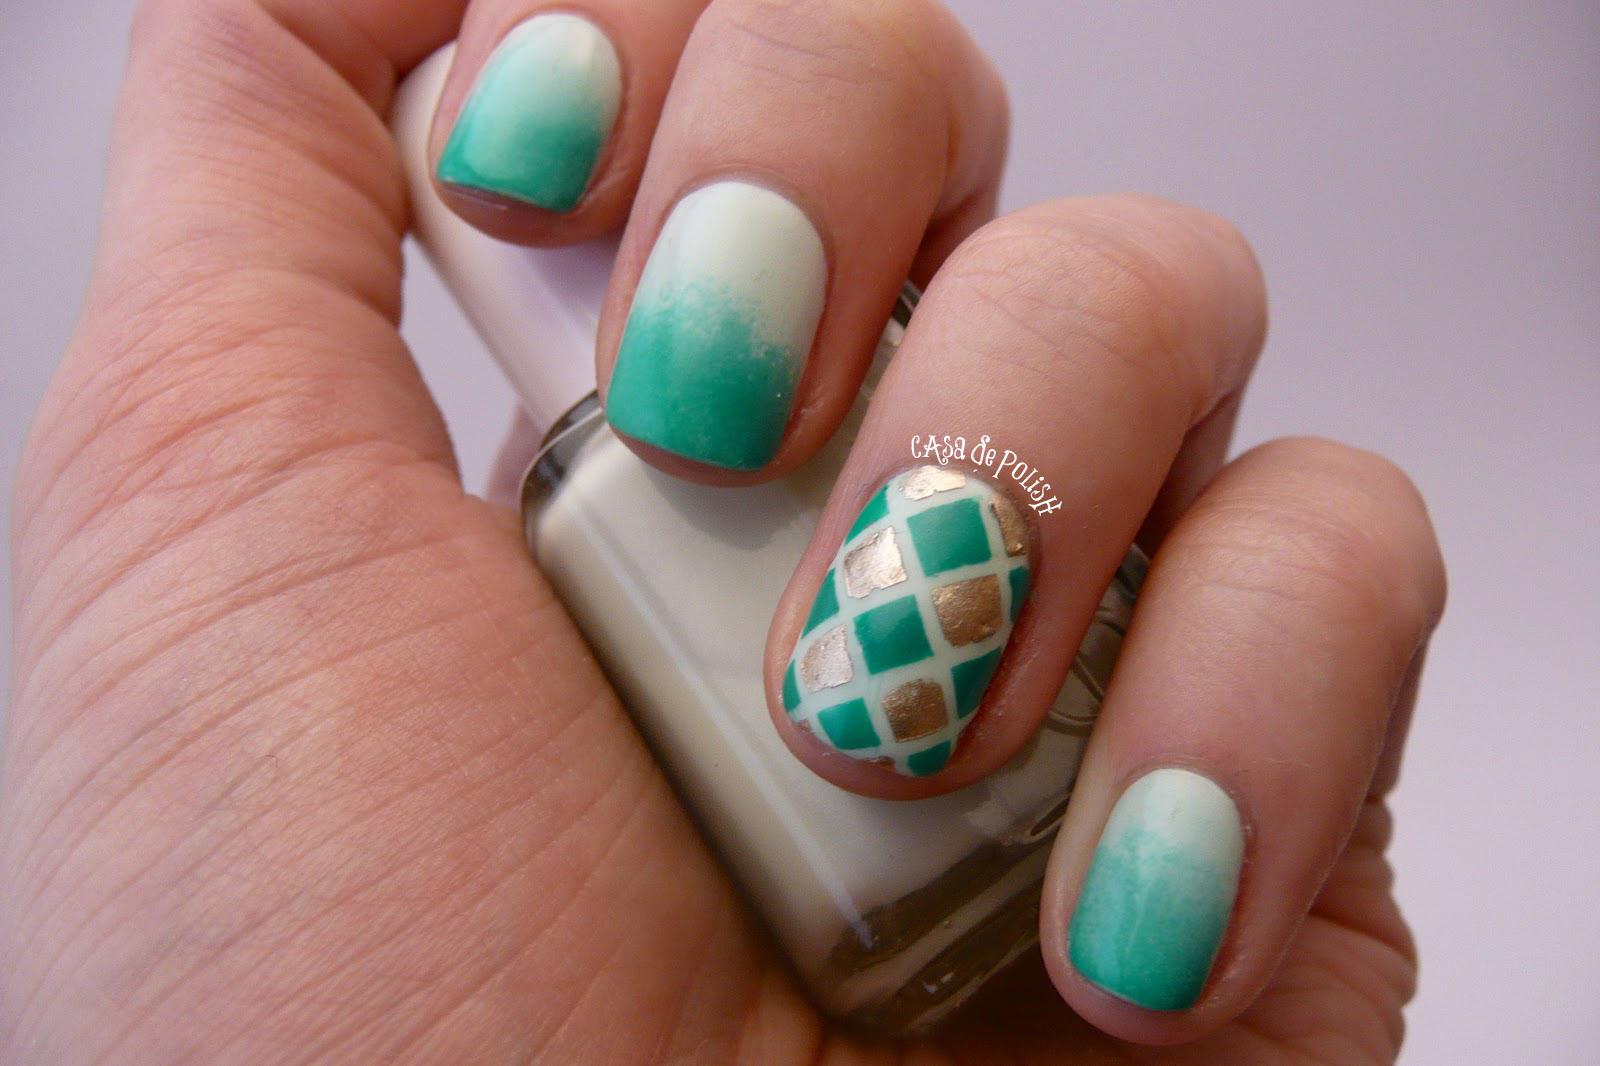 Casa de Polish: Nail Art NailOff: Happy St. Patrick39;s Day!